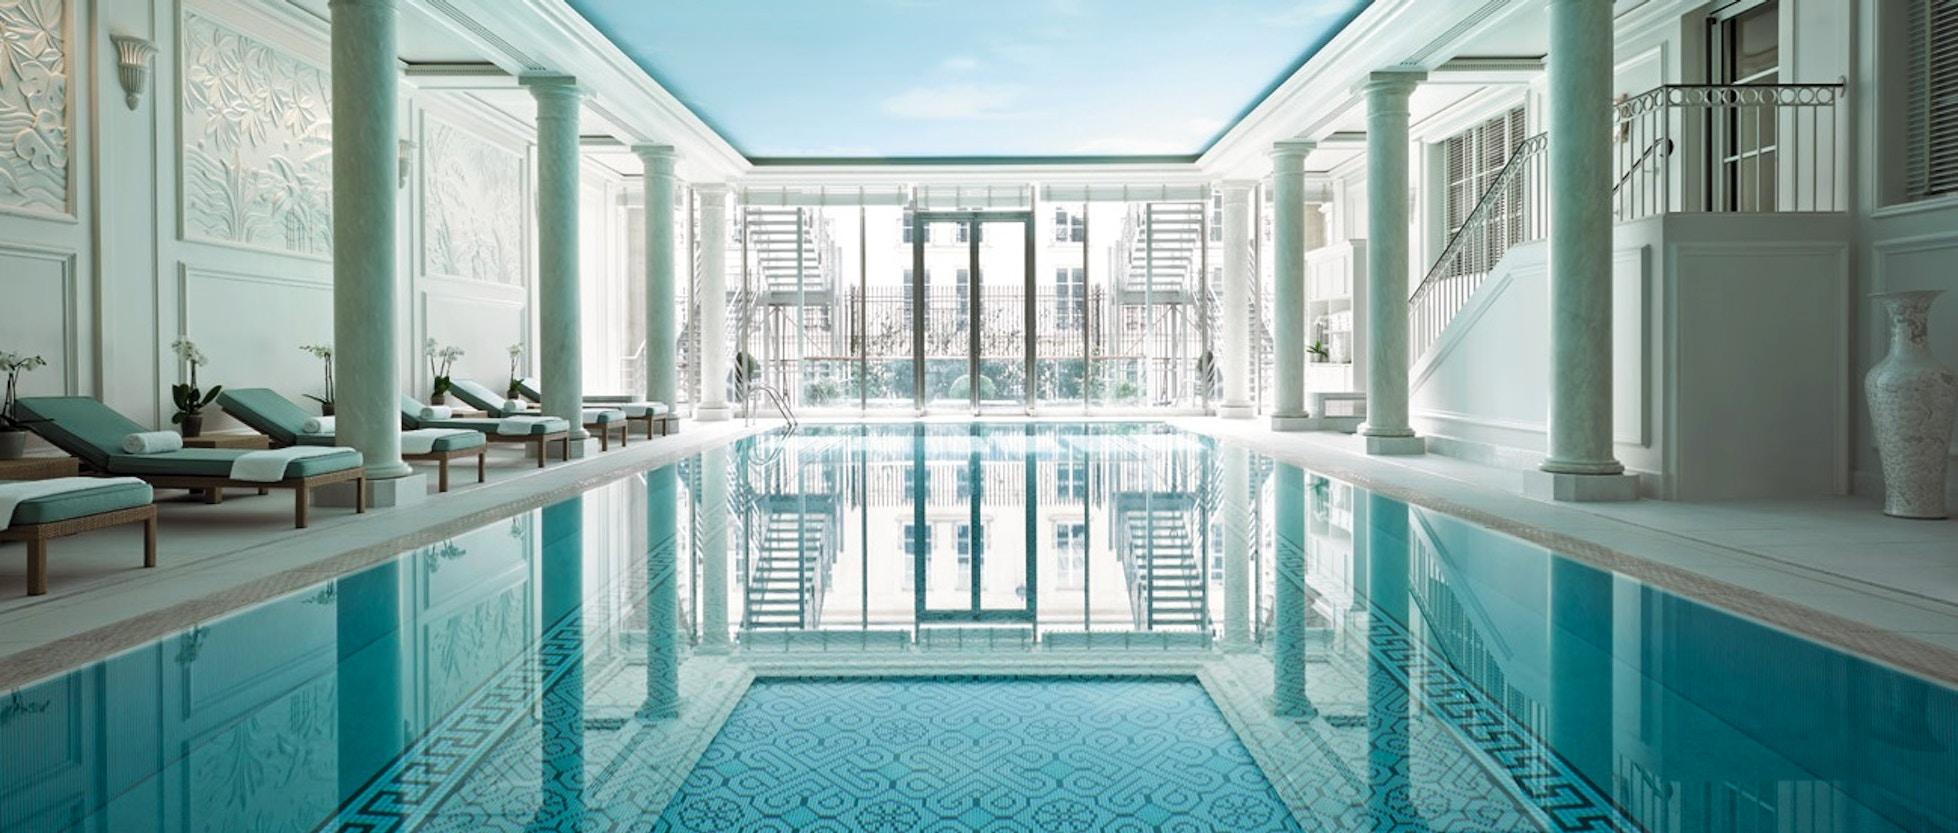 Centri Benessere - La top 10 dei migliori hotel spa di Parigi